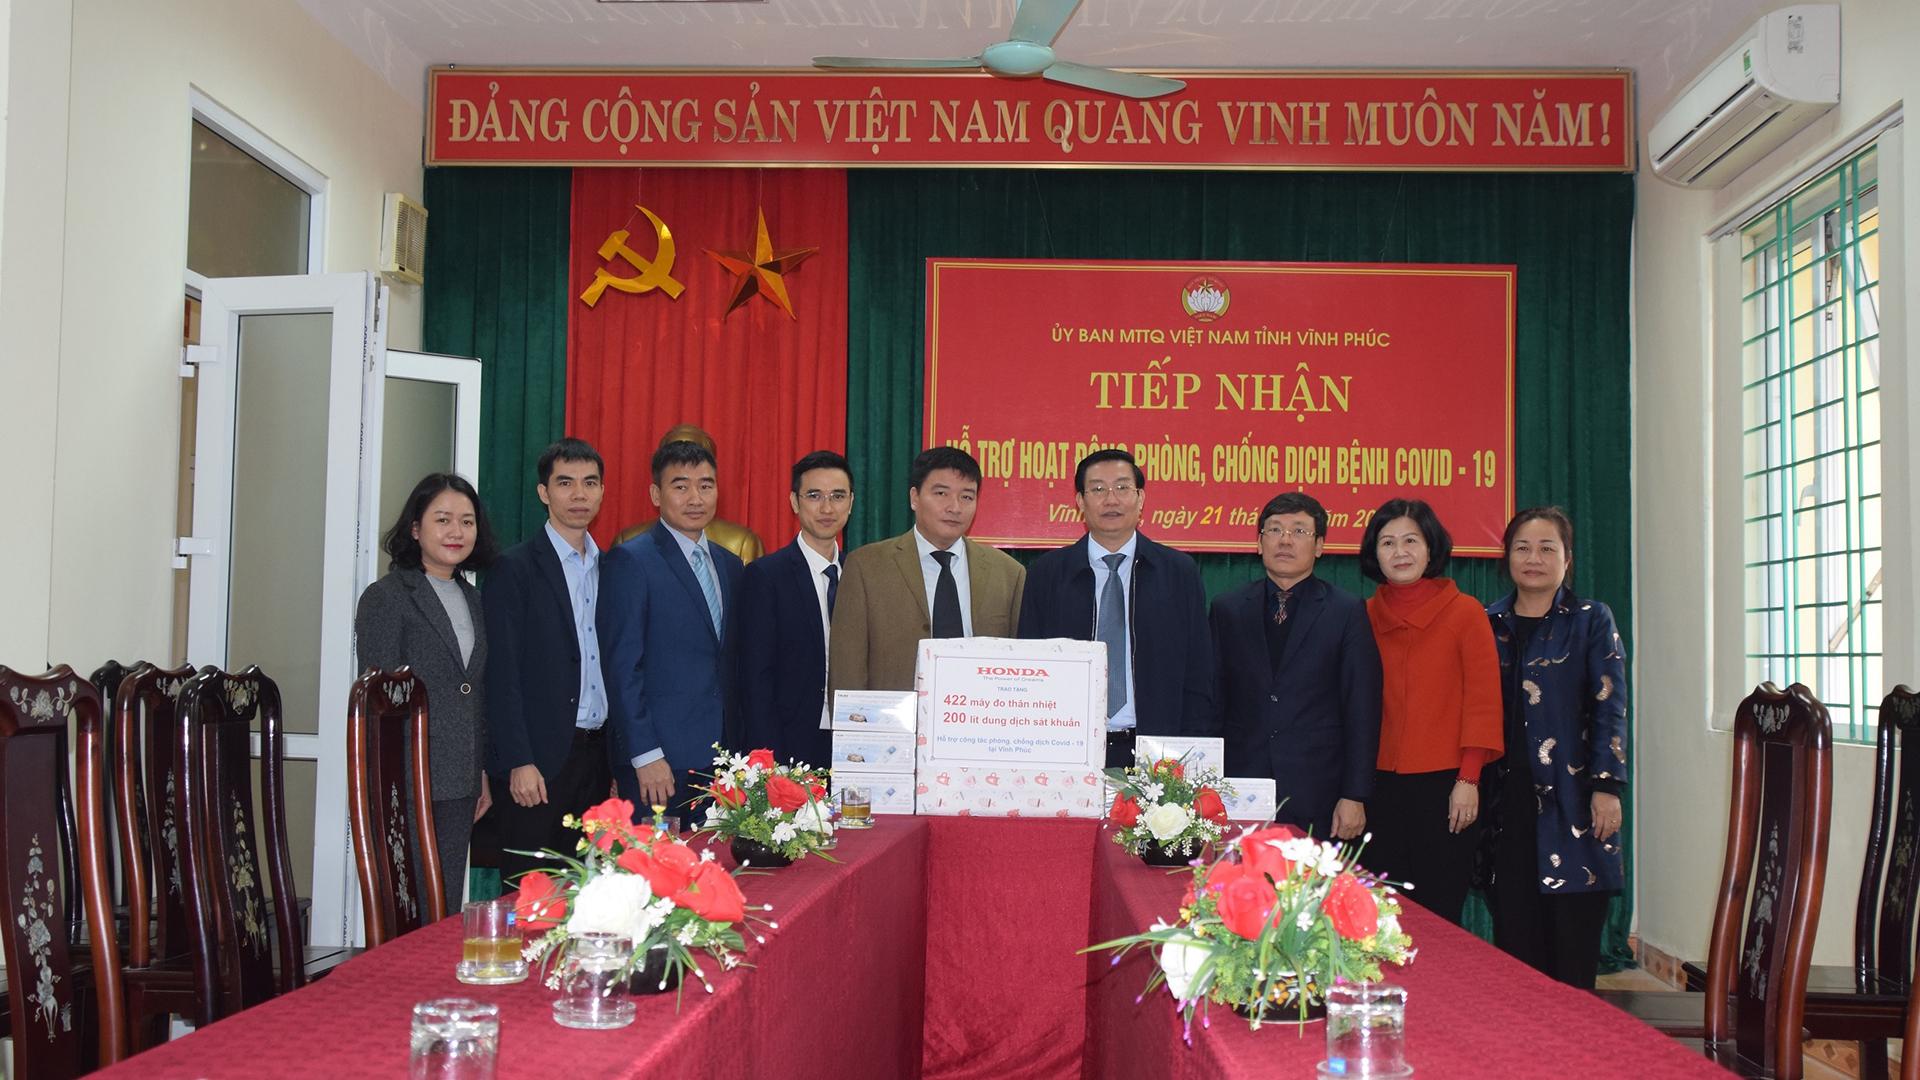 Honda Việt Nam tặng thiết bị y tế phòng dịch Covid-19 cho Vĩnh Phúc